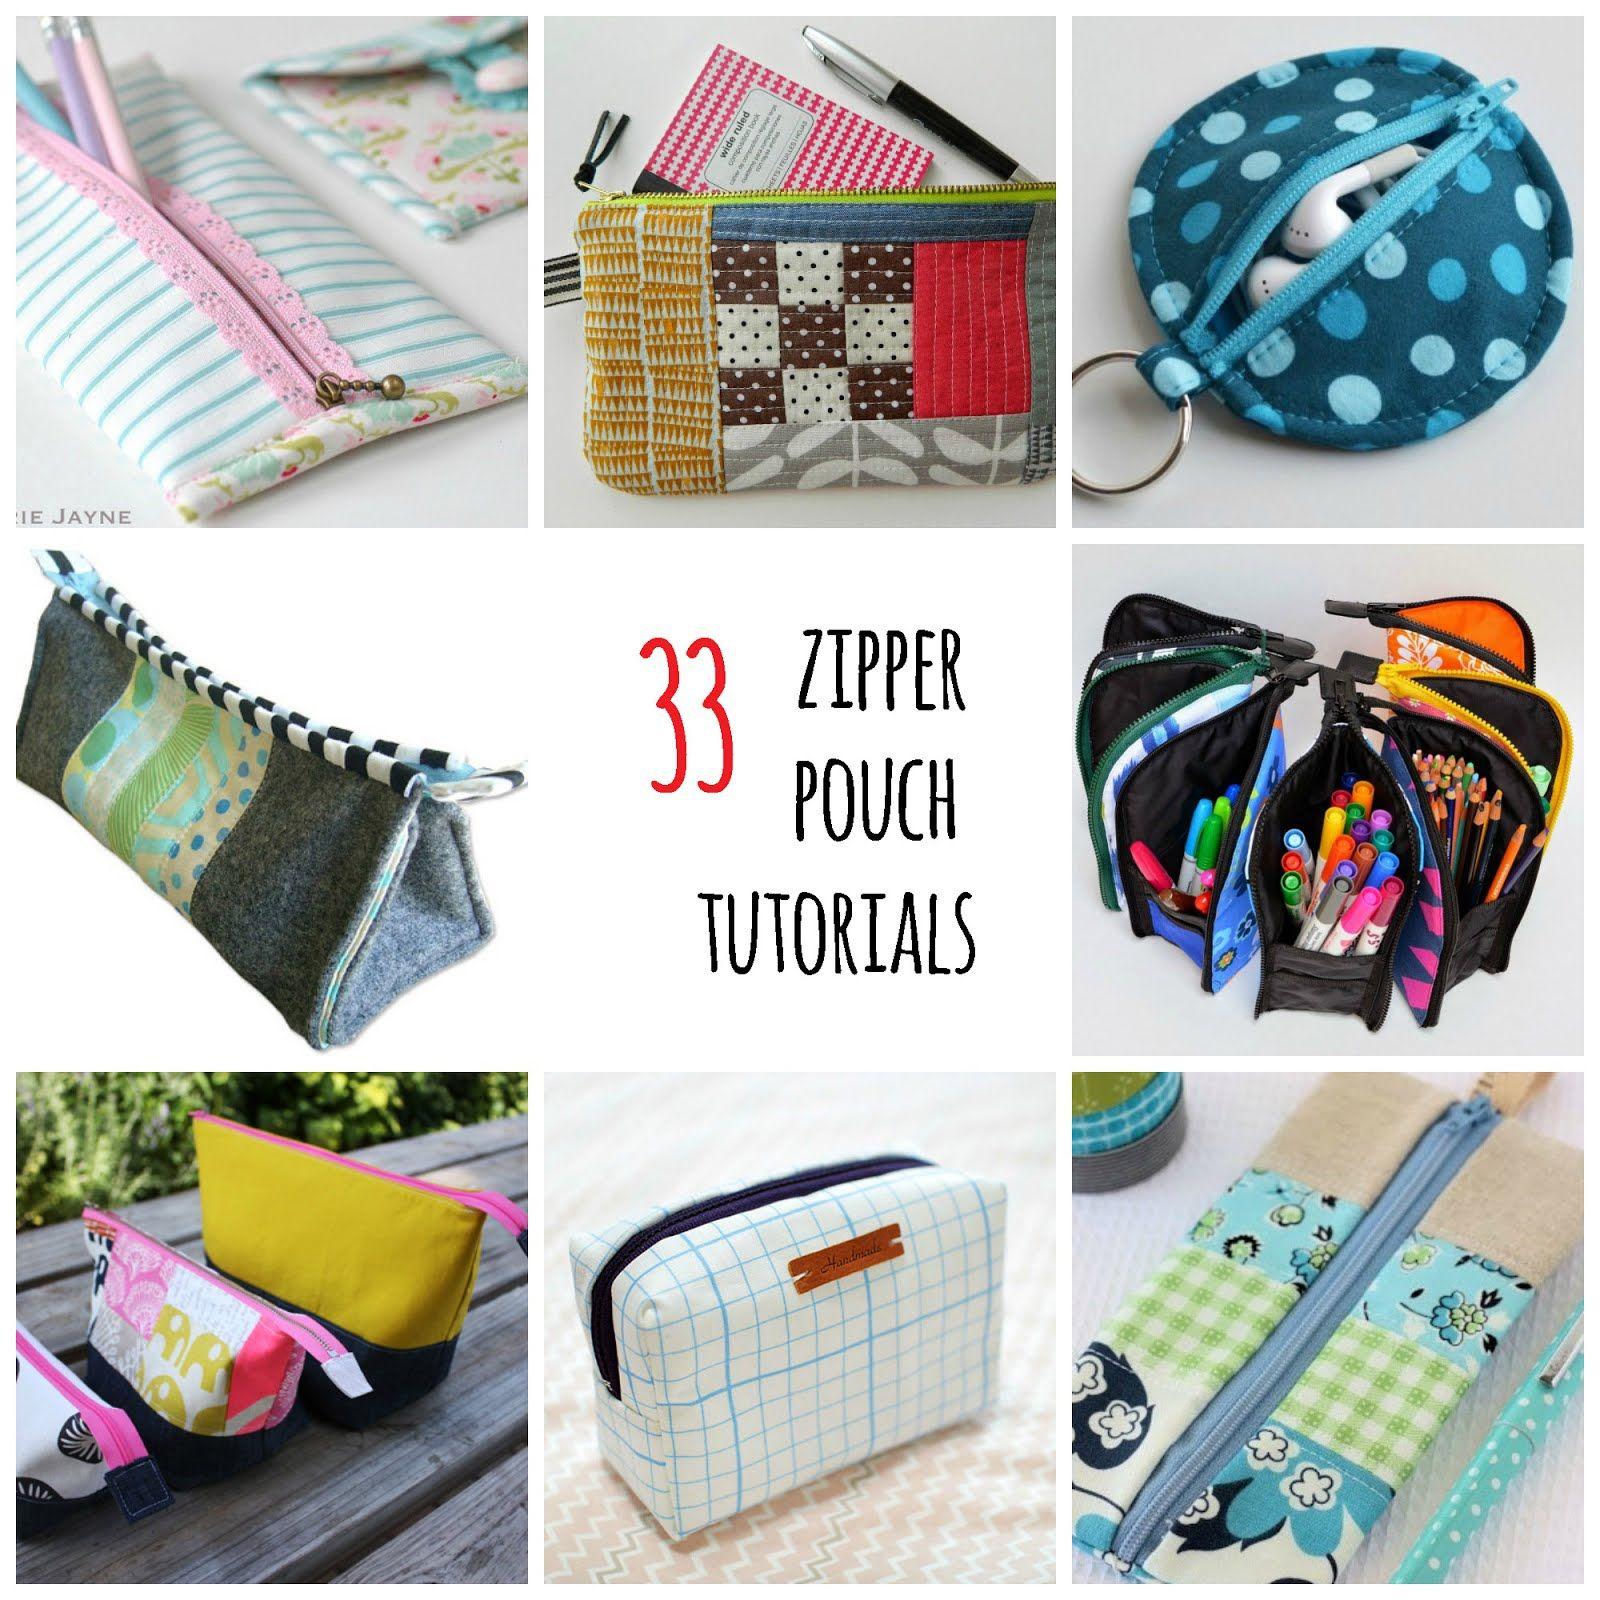 33 Free Zipper Pouch Tutorials Zipper Pouch Tutorial Pouch Tutorial Tote Bag Tutorial